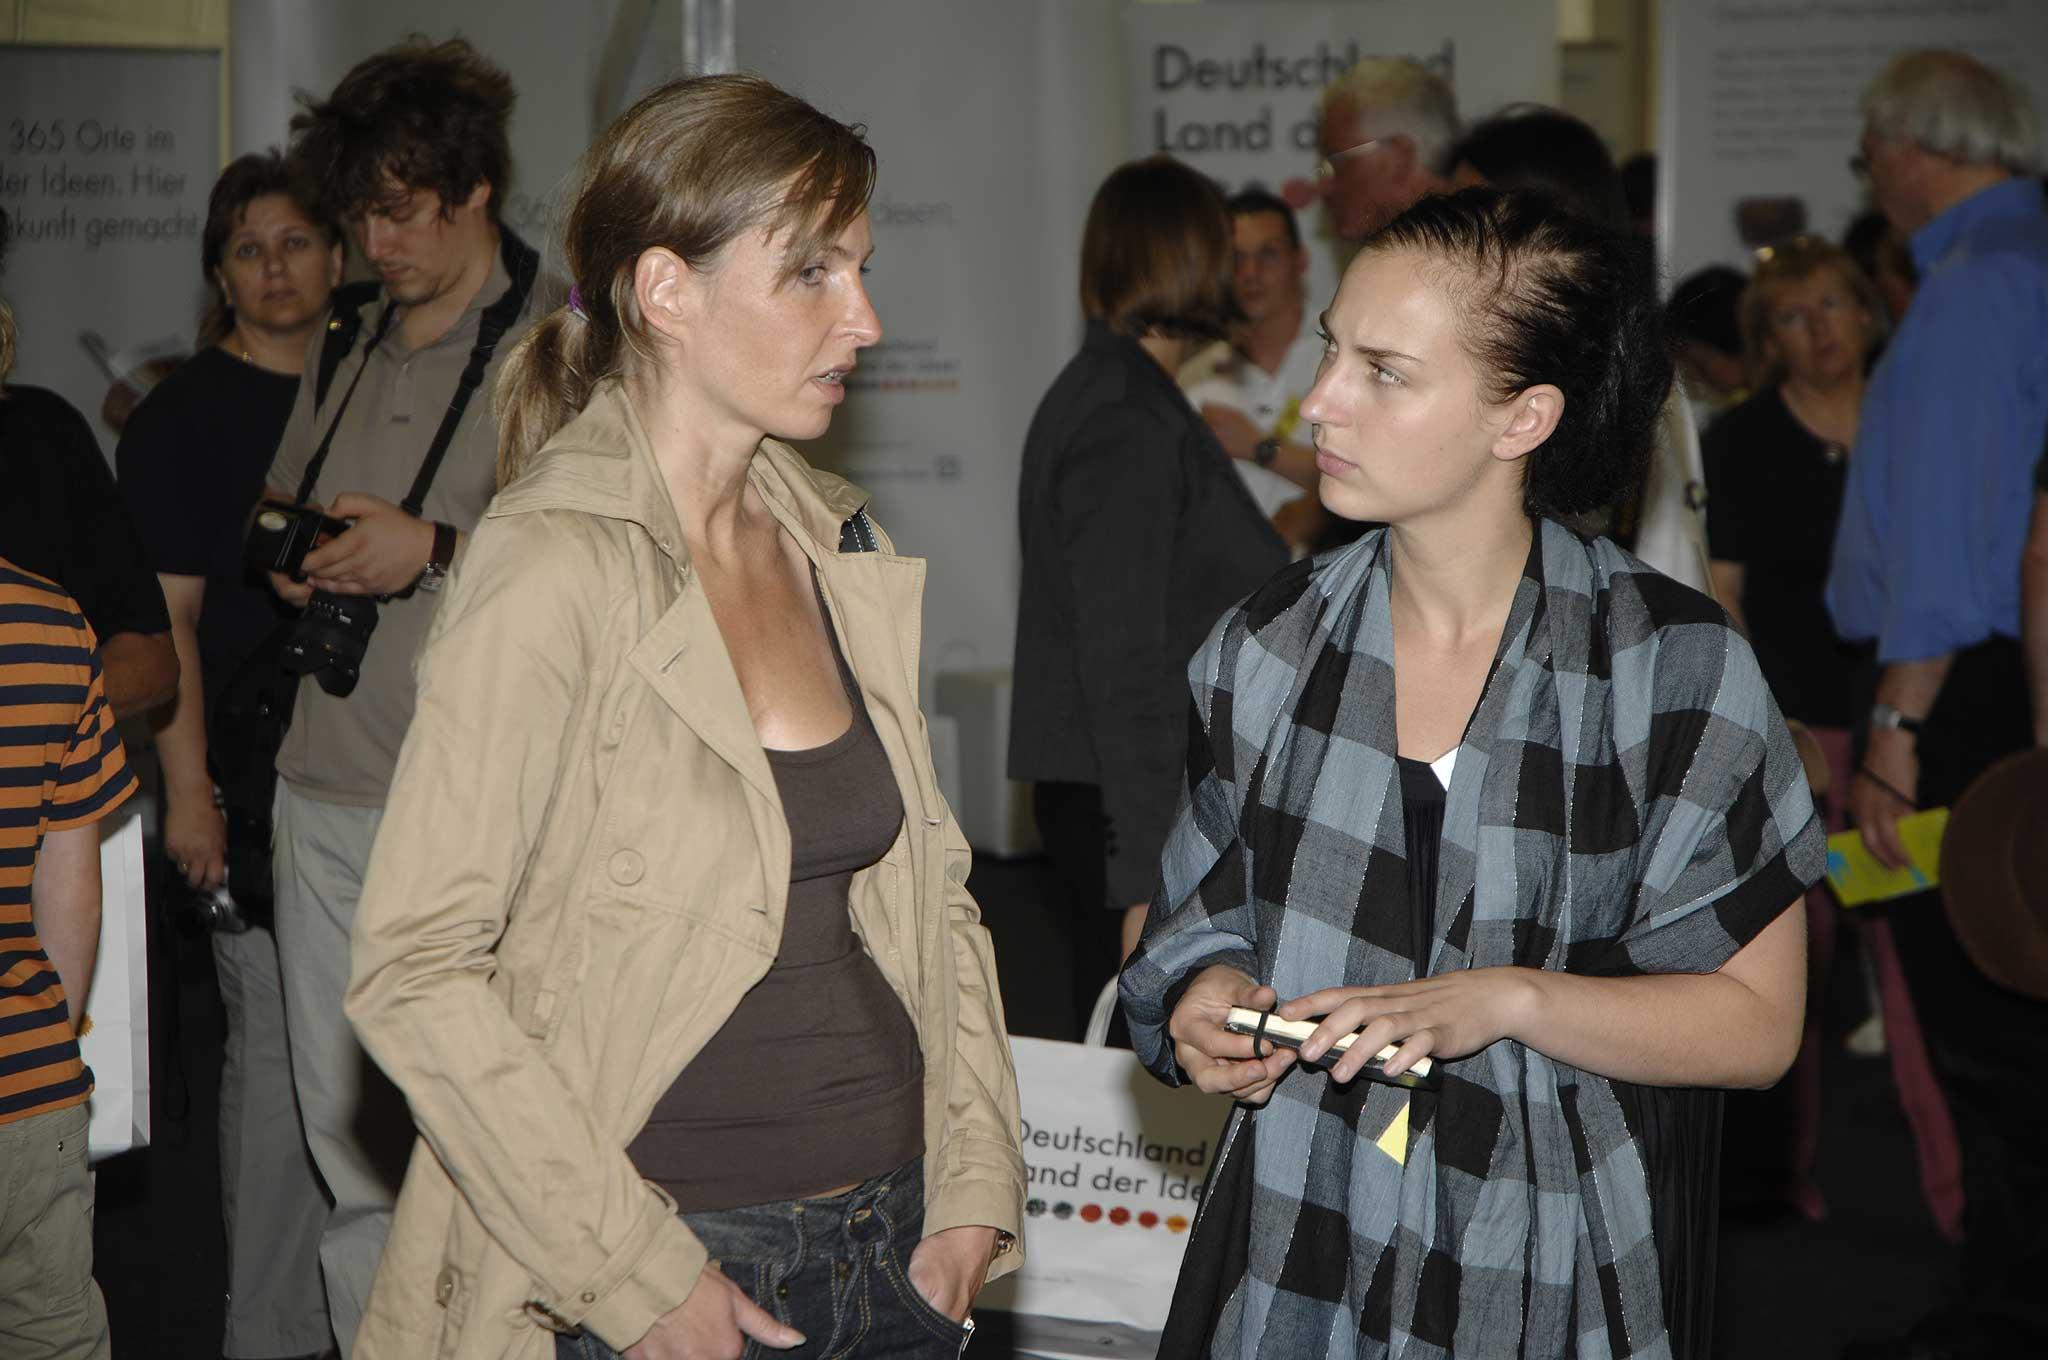 Zu den Gästen gehörte auch Tanja Mühlhans, Referentin für Kreativwirtschaft beim Berliner Senat.